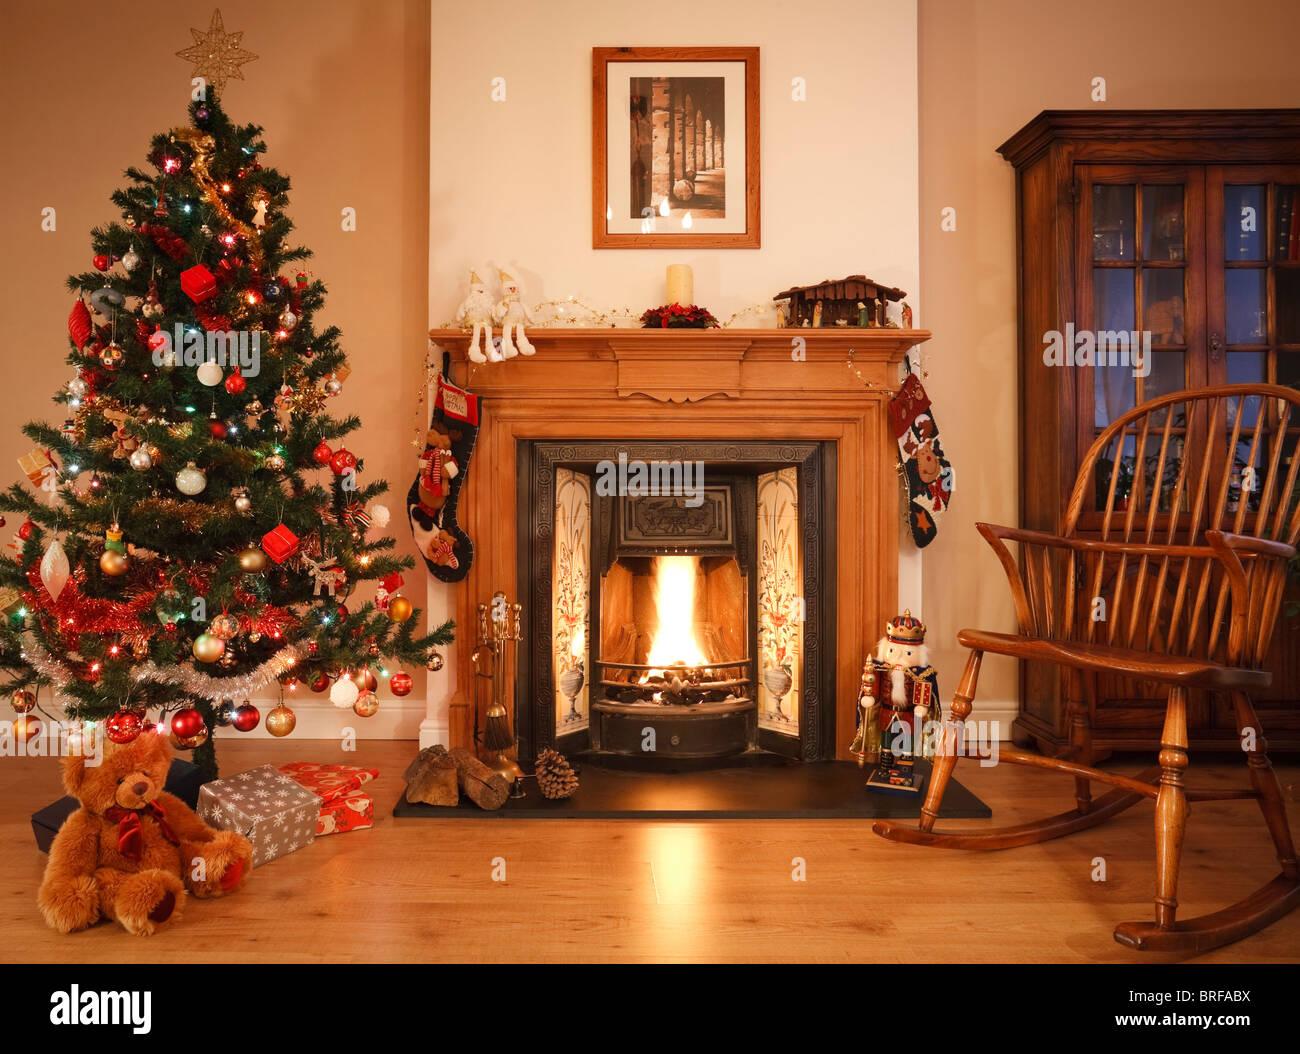 Immagini Natalizie Con Camino.Soggiorno Con Caminetto Le Decorazioni Di Natale E Albero